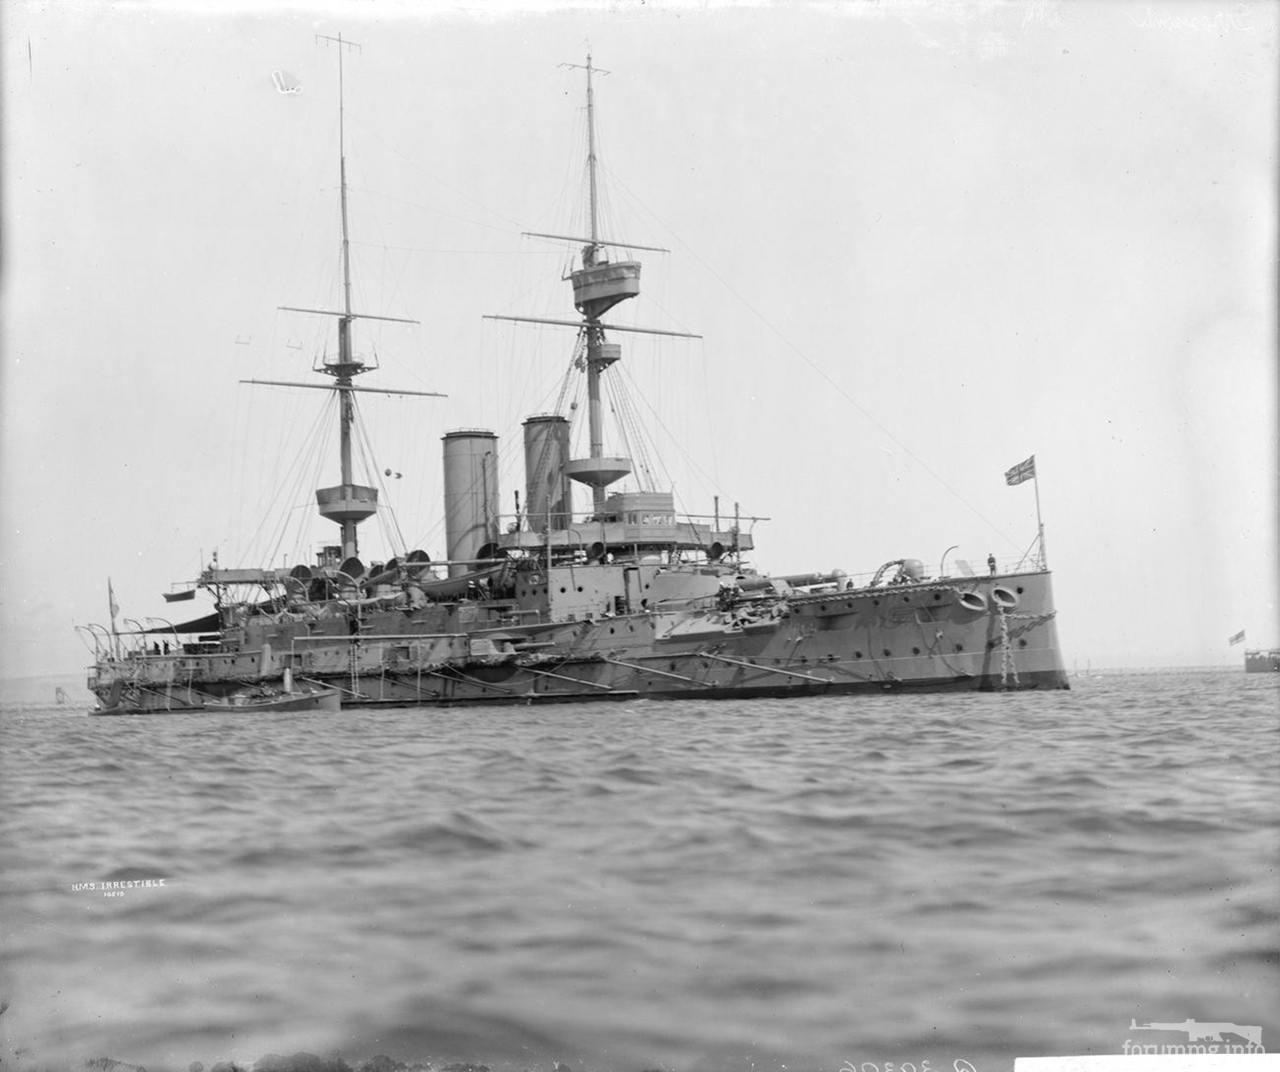 125710 - Броненосцы, дредноуты, линкоры и крейсера Британии